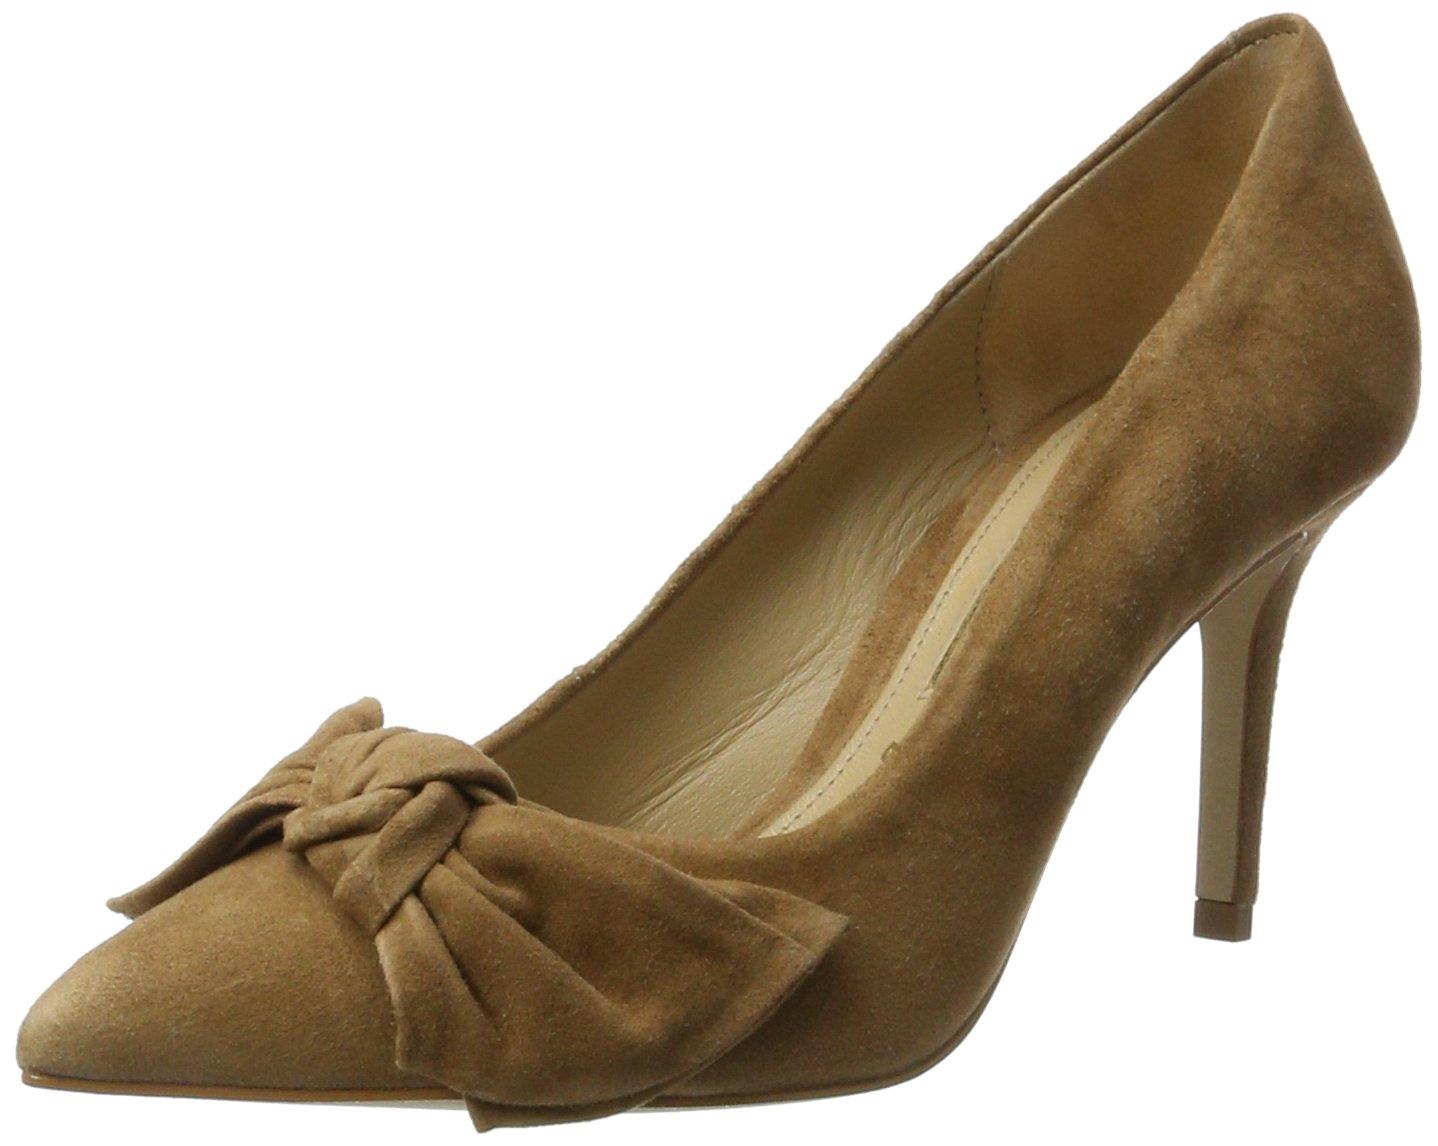 Buffalo London 184983, Zapatos de Tacón Mujer 38 EU|Beige (Amendoa 01)